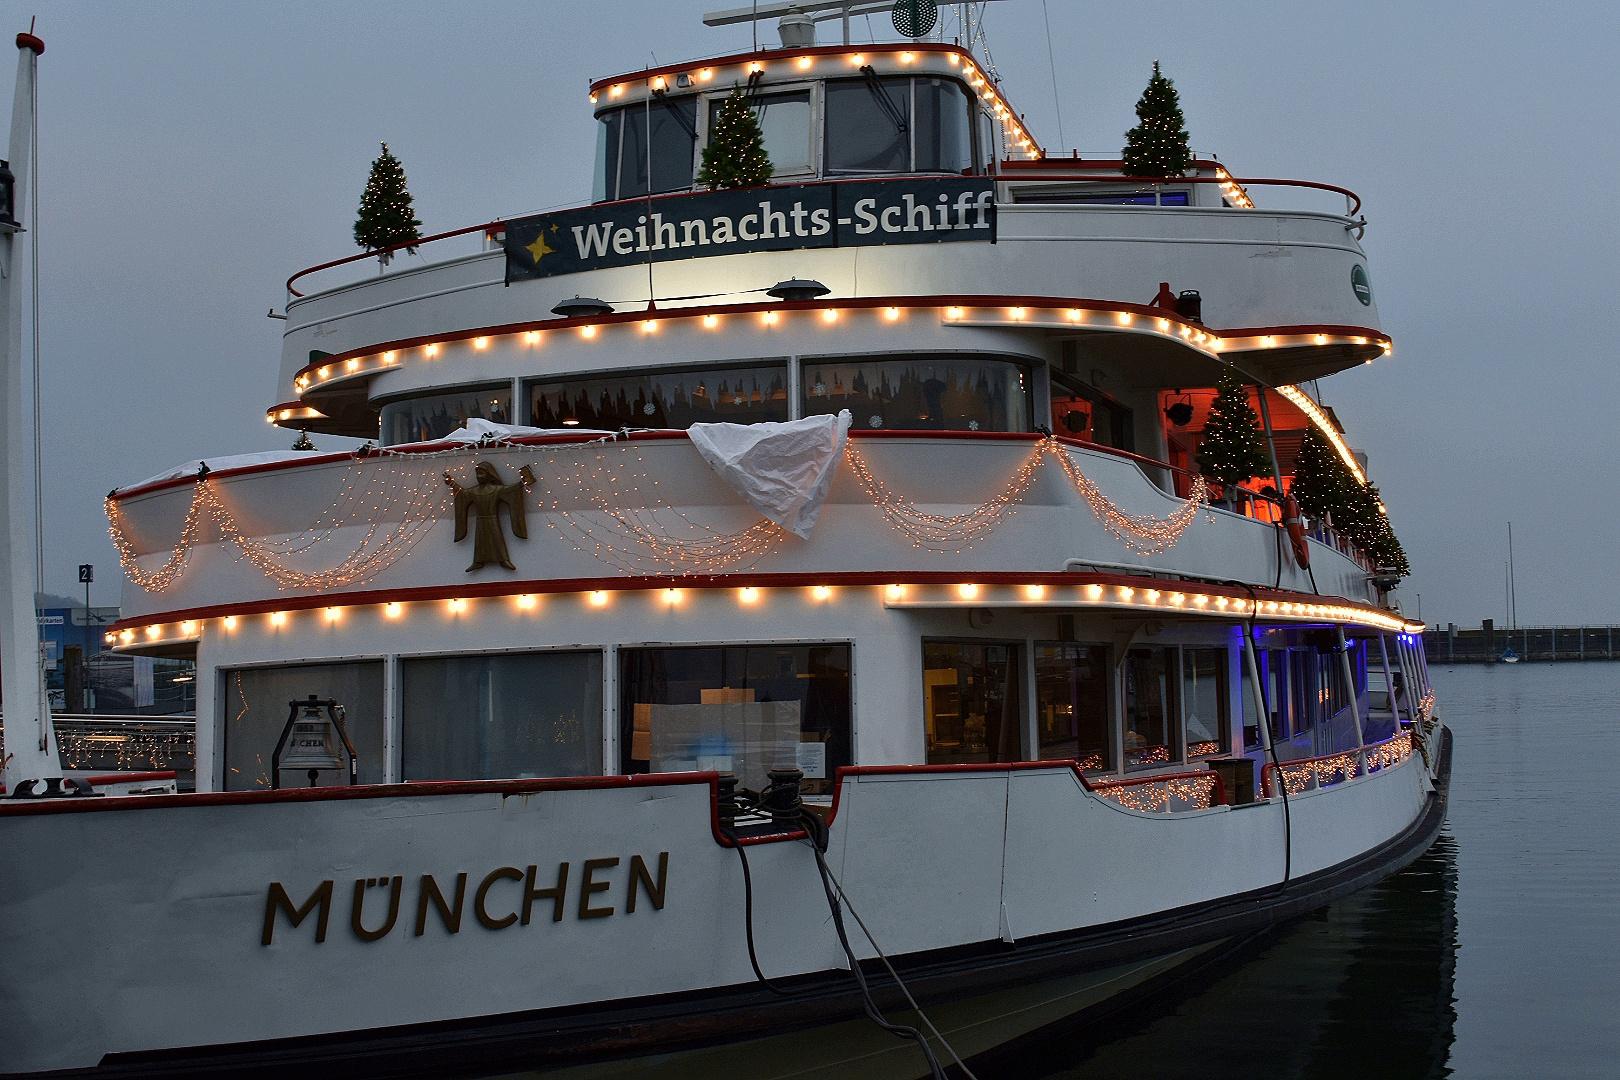 Das Weihnachtsschiff